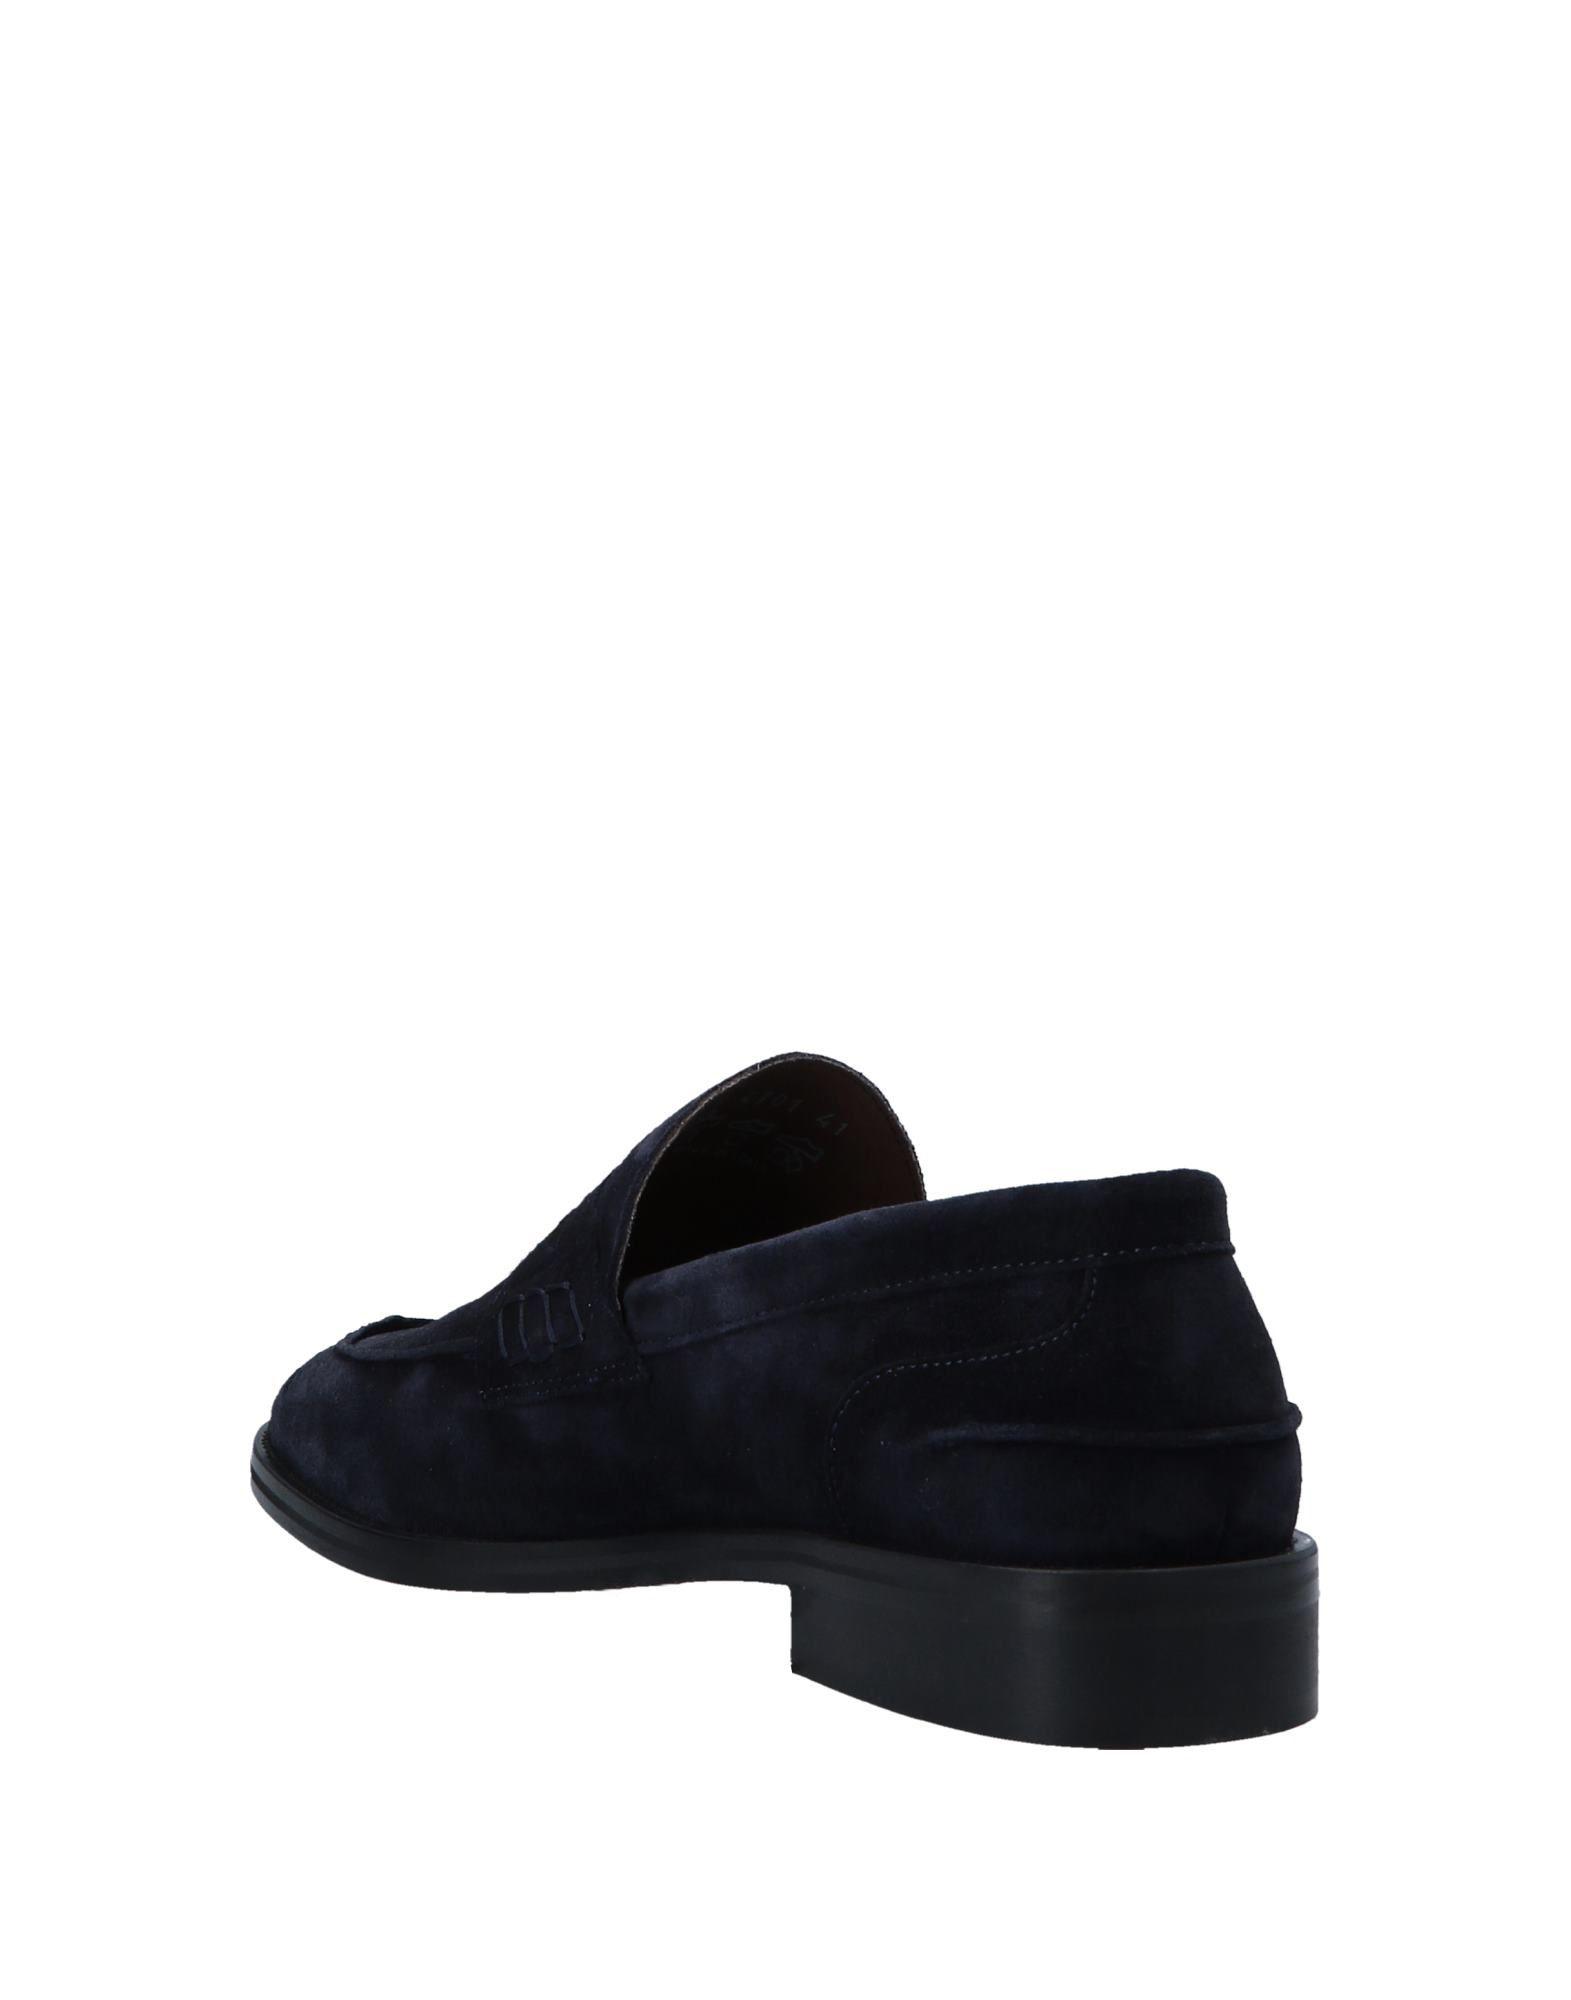 Rabatt Herren echte Schuhe Boemos Mokassins Herren Rabatt  11549980AC b53e52